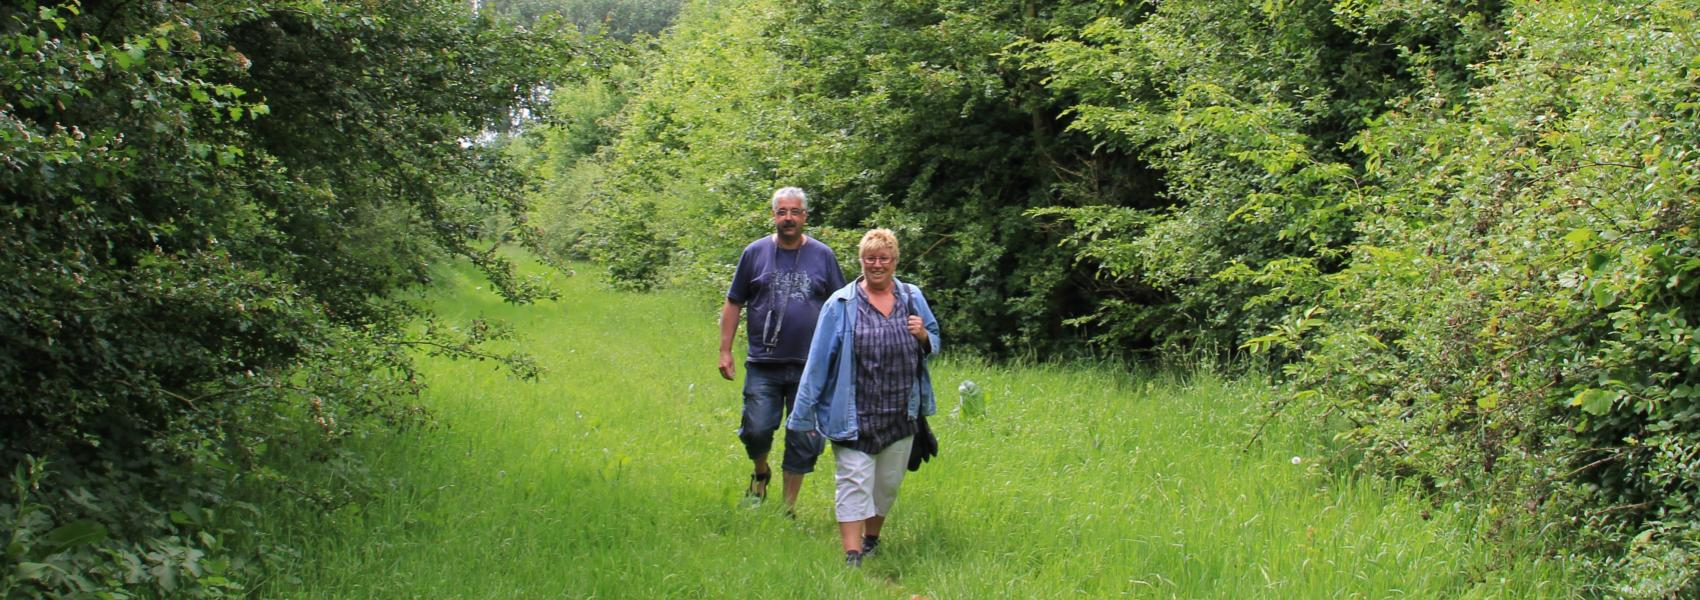 2 wandelaars in Eversambos